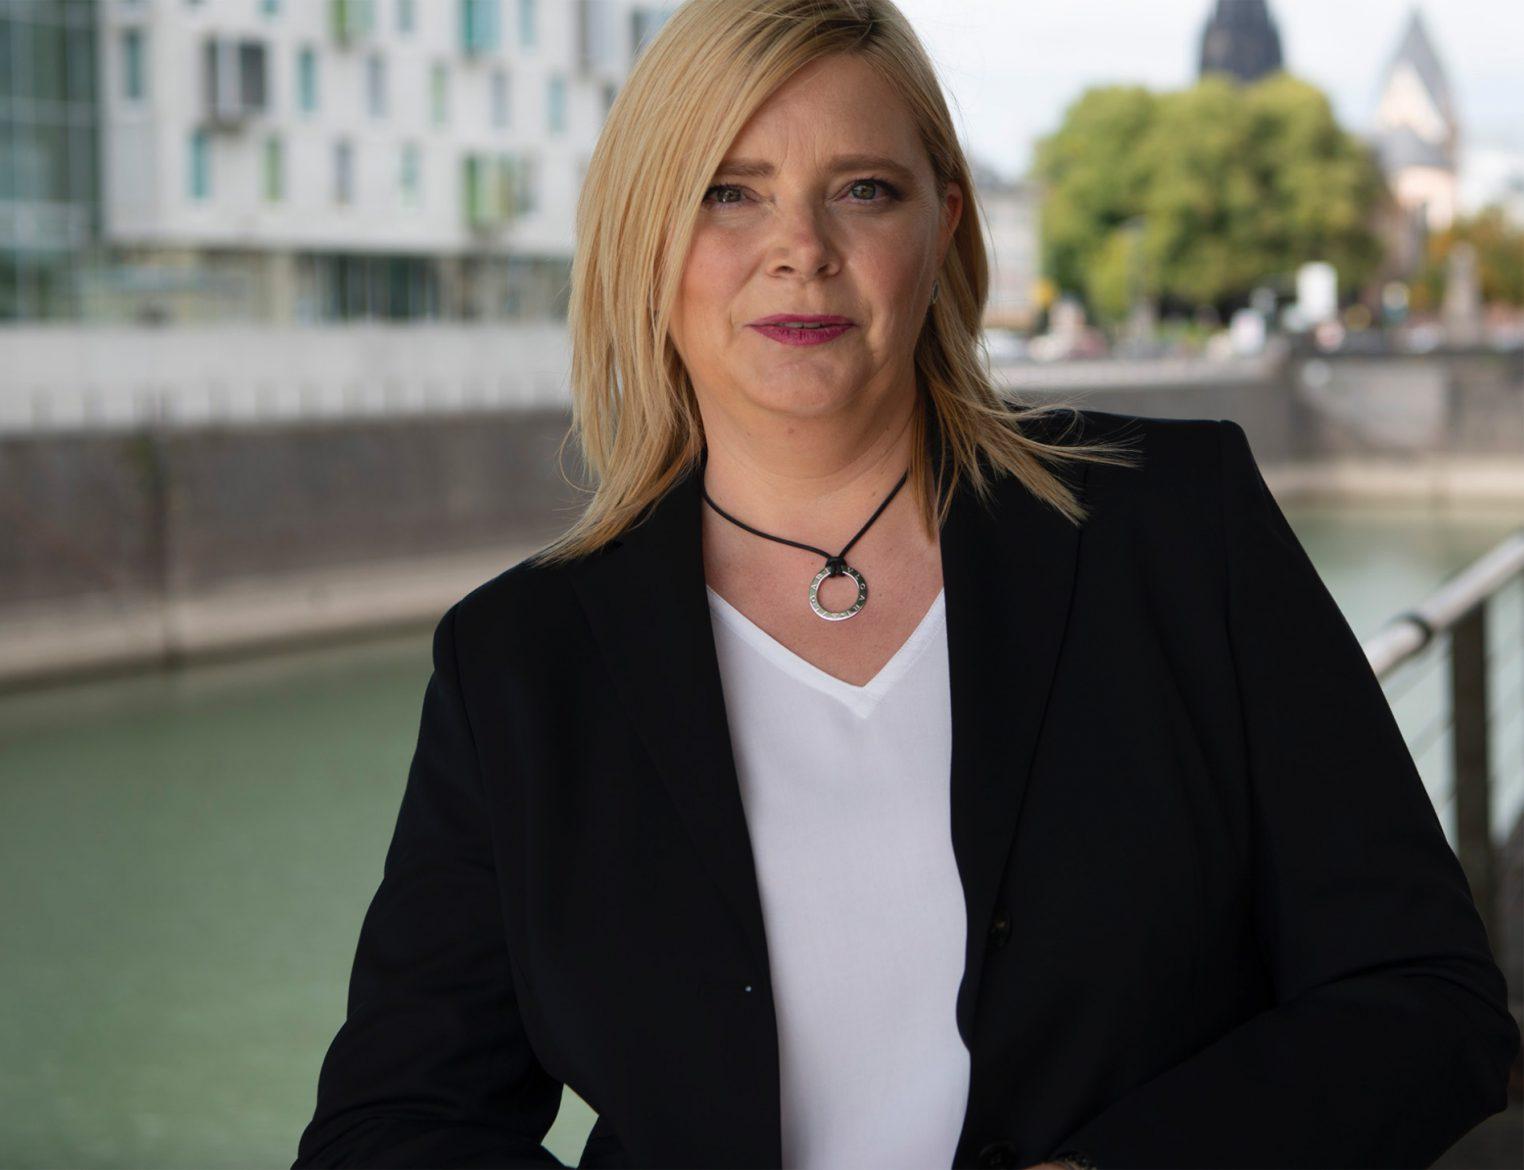 Steuerberaterin & Wirtschaftsprüferin Anja Gaedike im Rheinauhafen, Köln